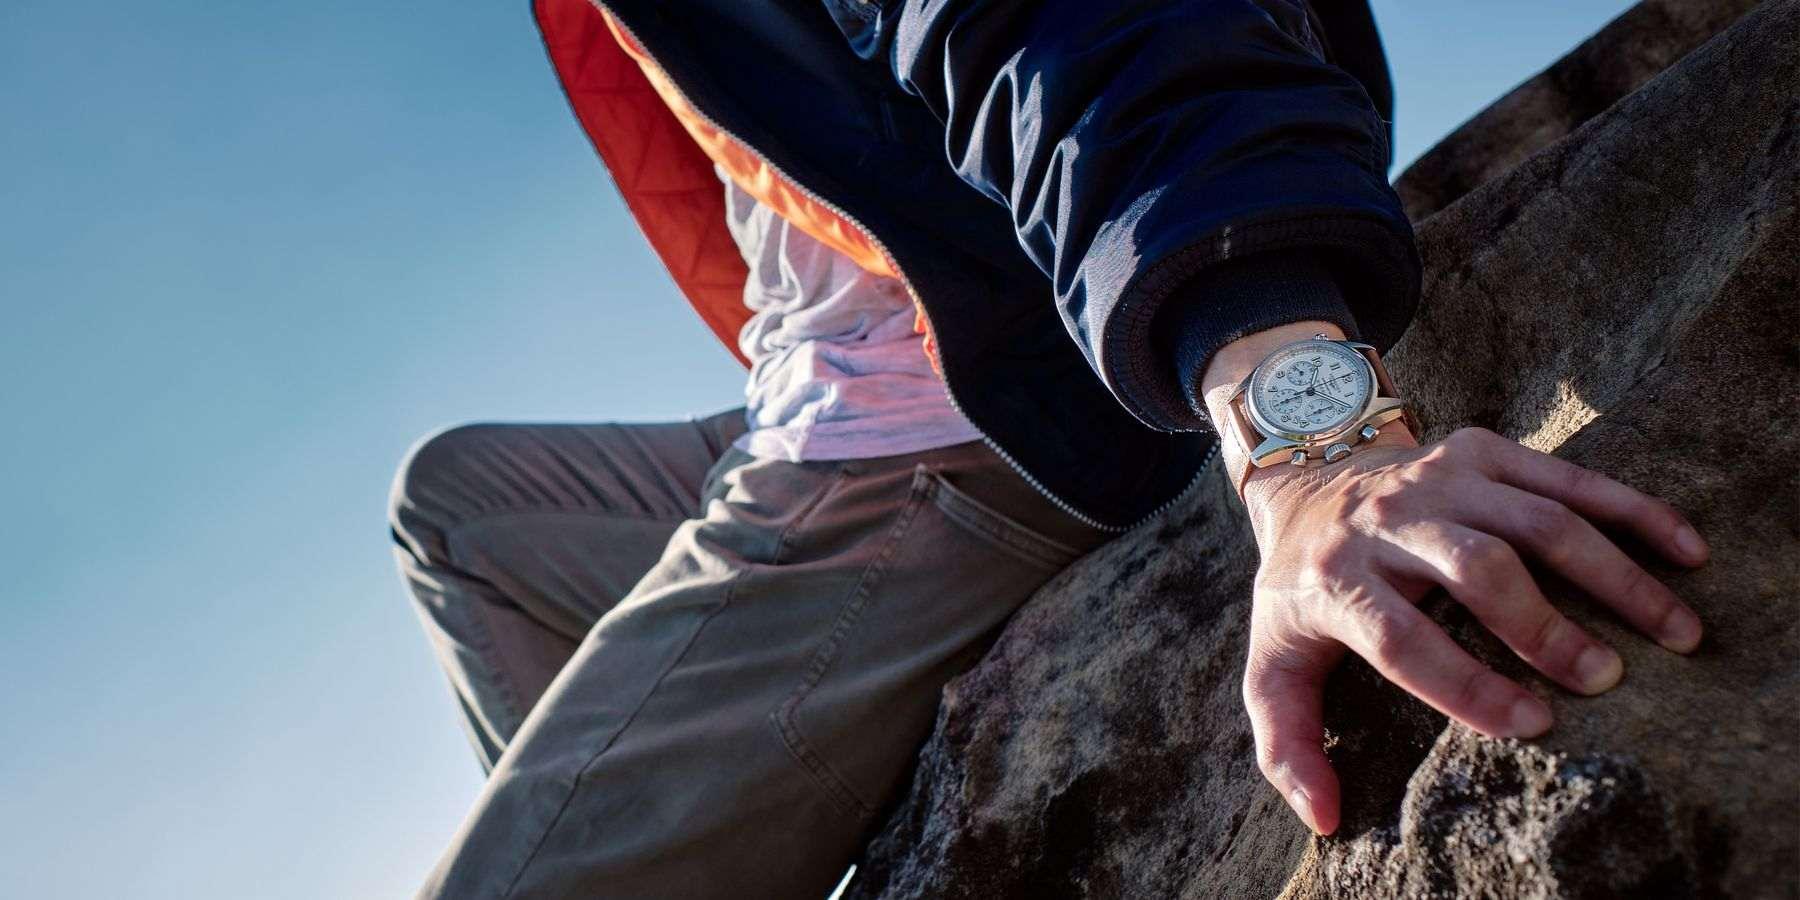 【實戴經驗談】讀時之外的精神價值:LONGINES Spirit計時腕錶